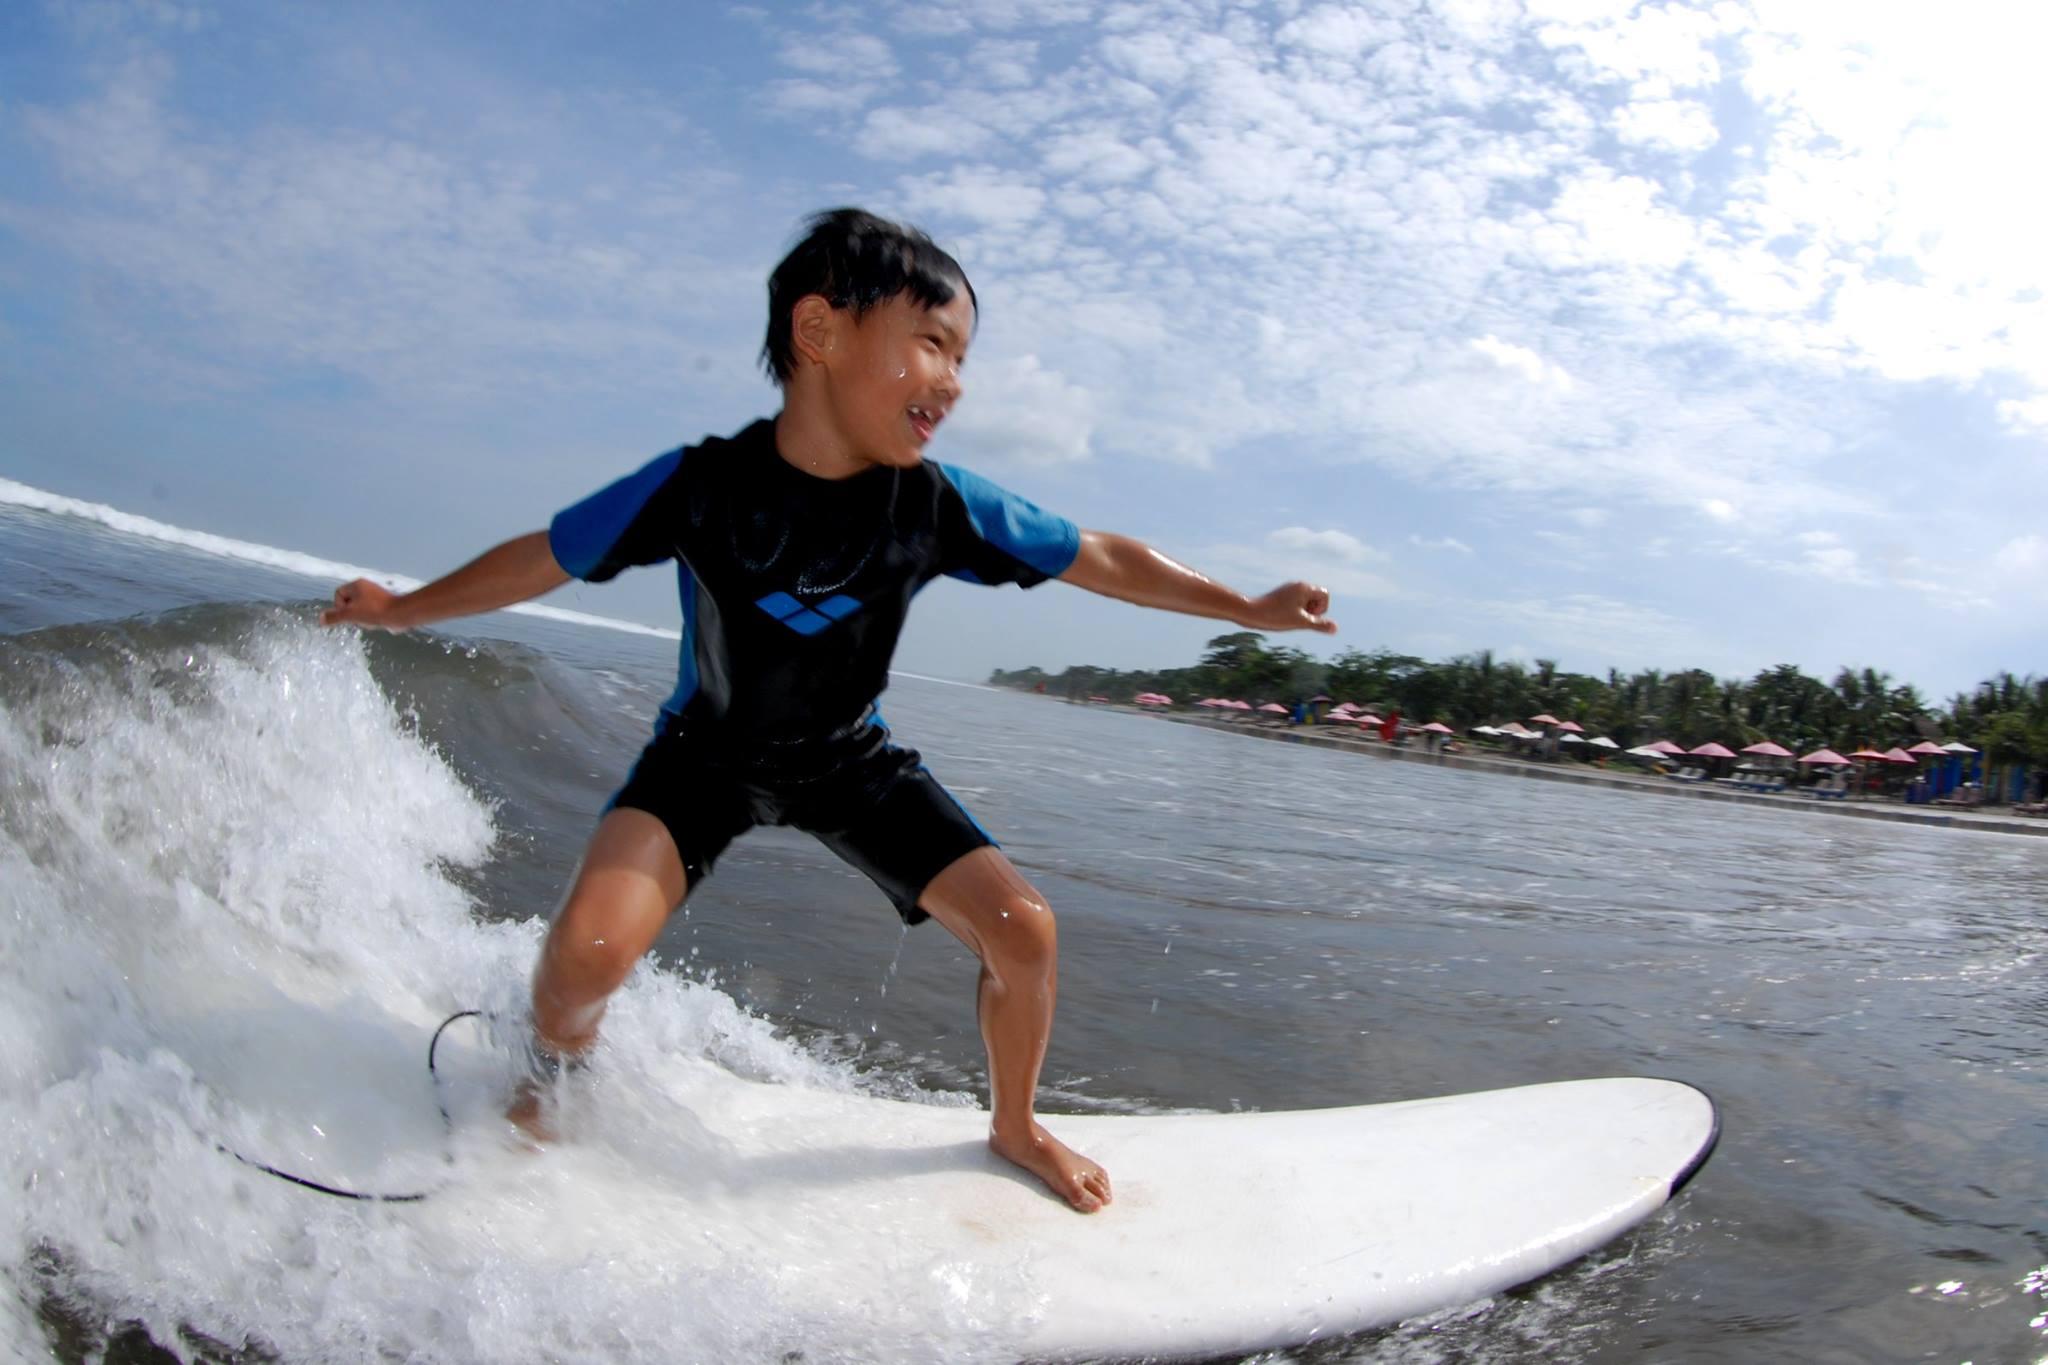 Surfing-kids-wetsuit